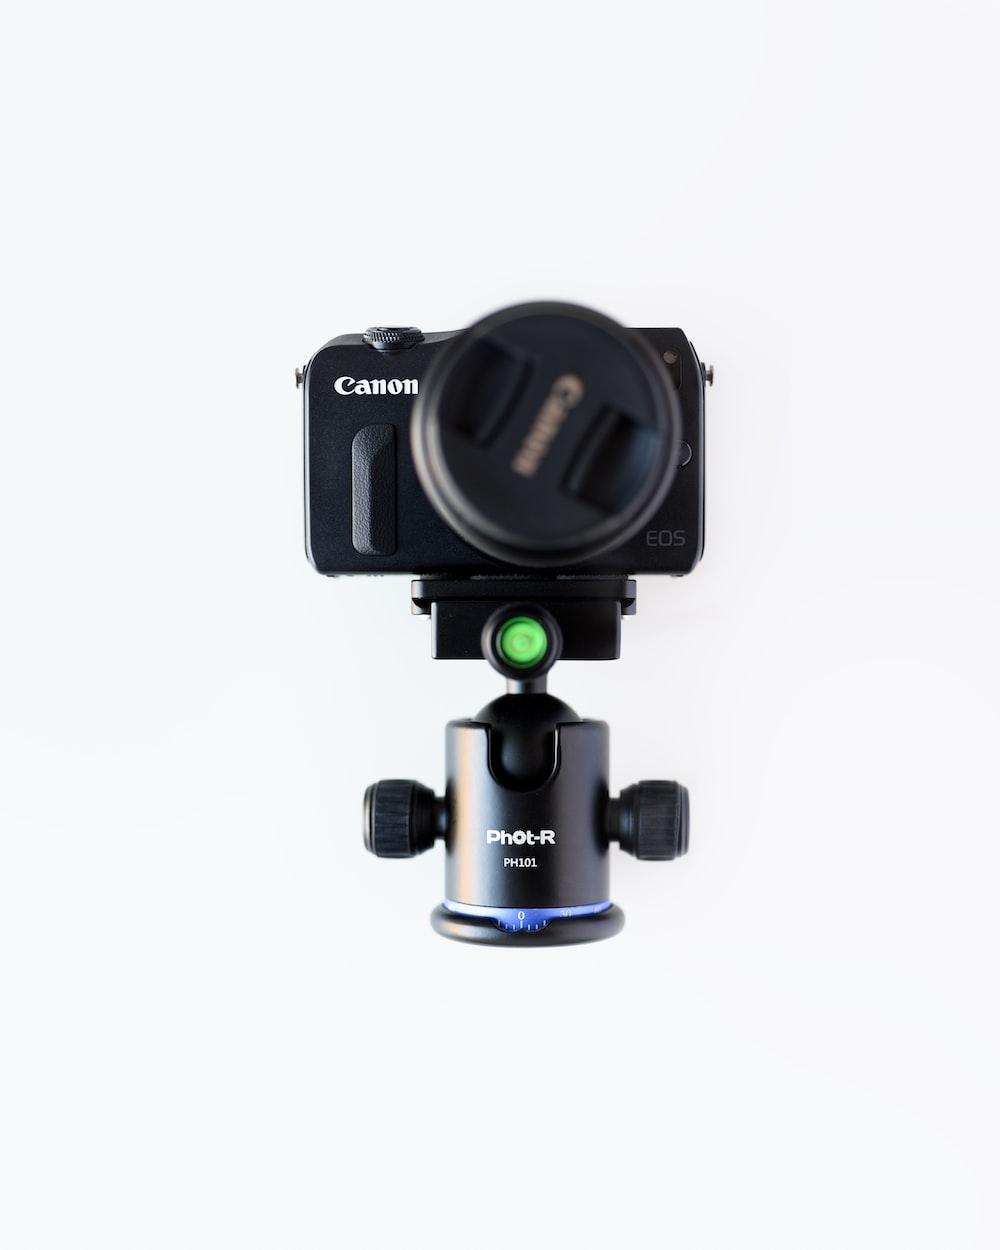 black Canon camera